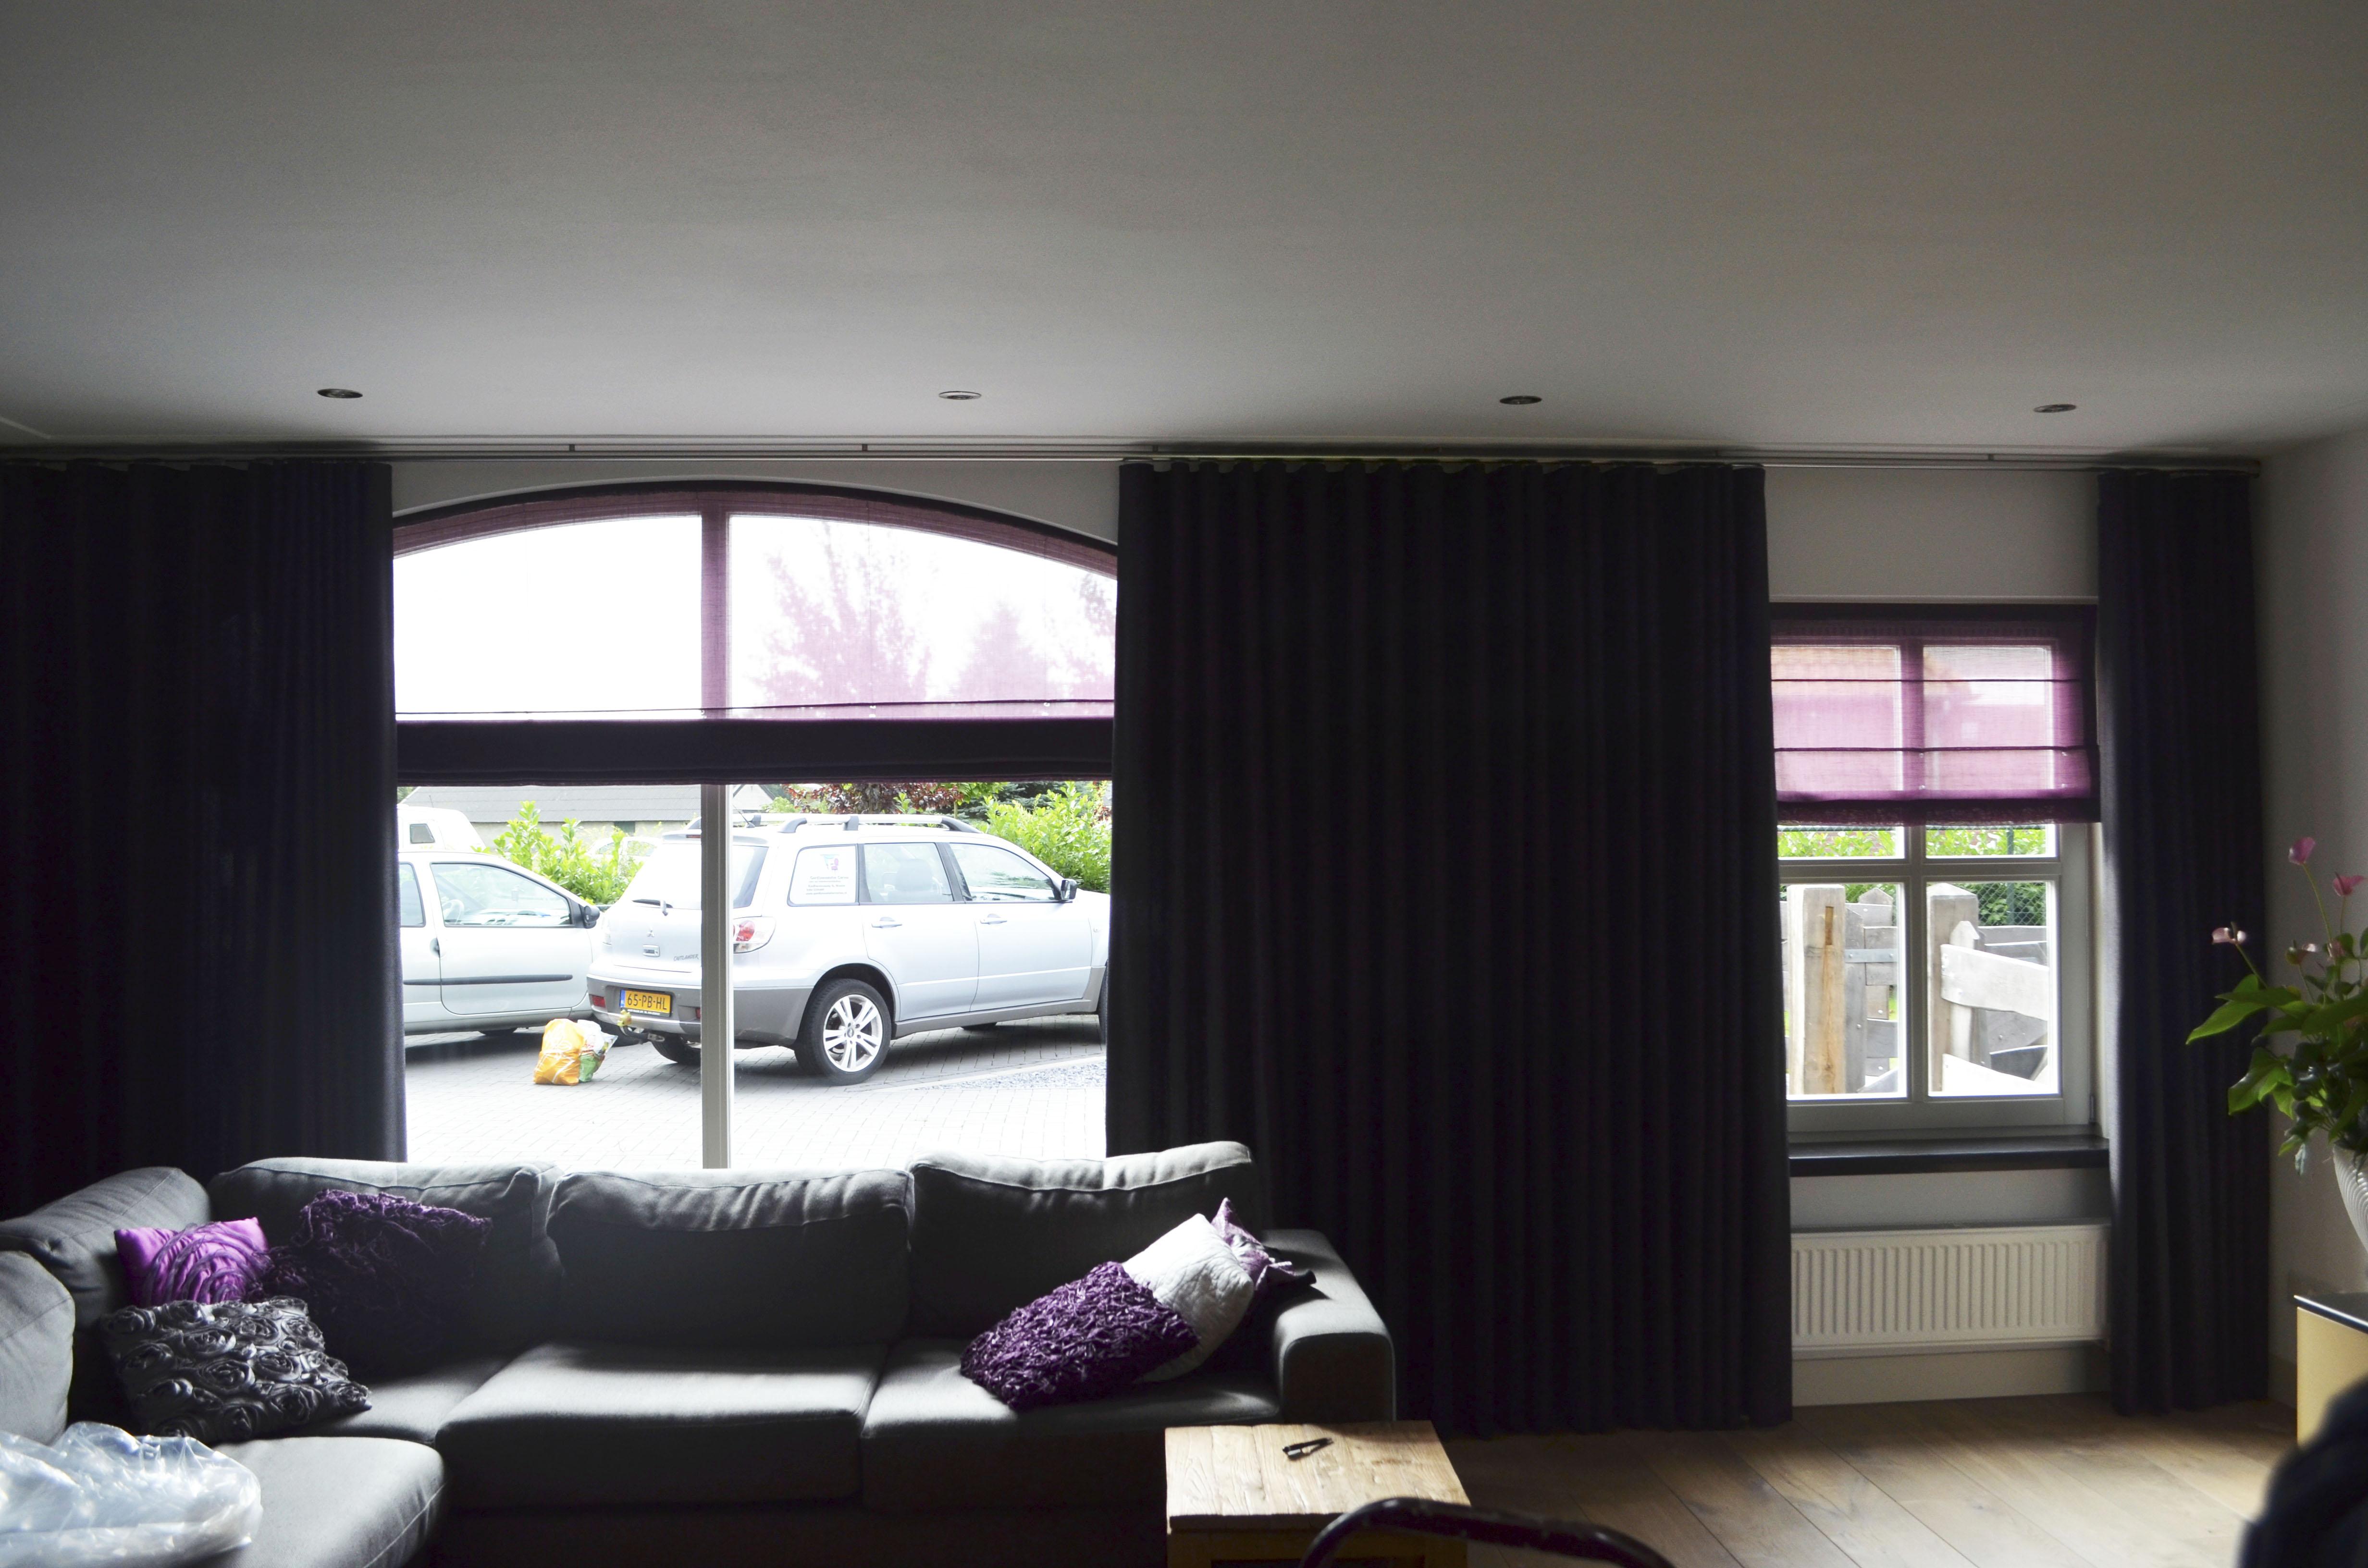 Deco chique kamer woonkamer kleuren kiezen tips en voorbeelden